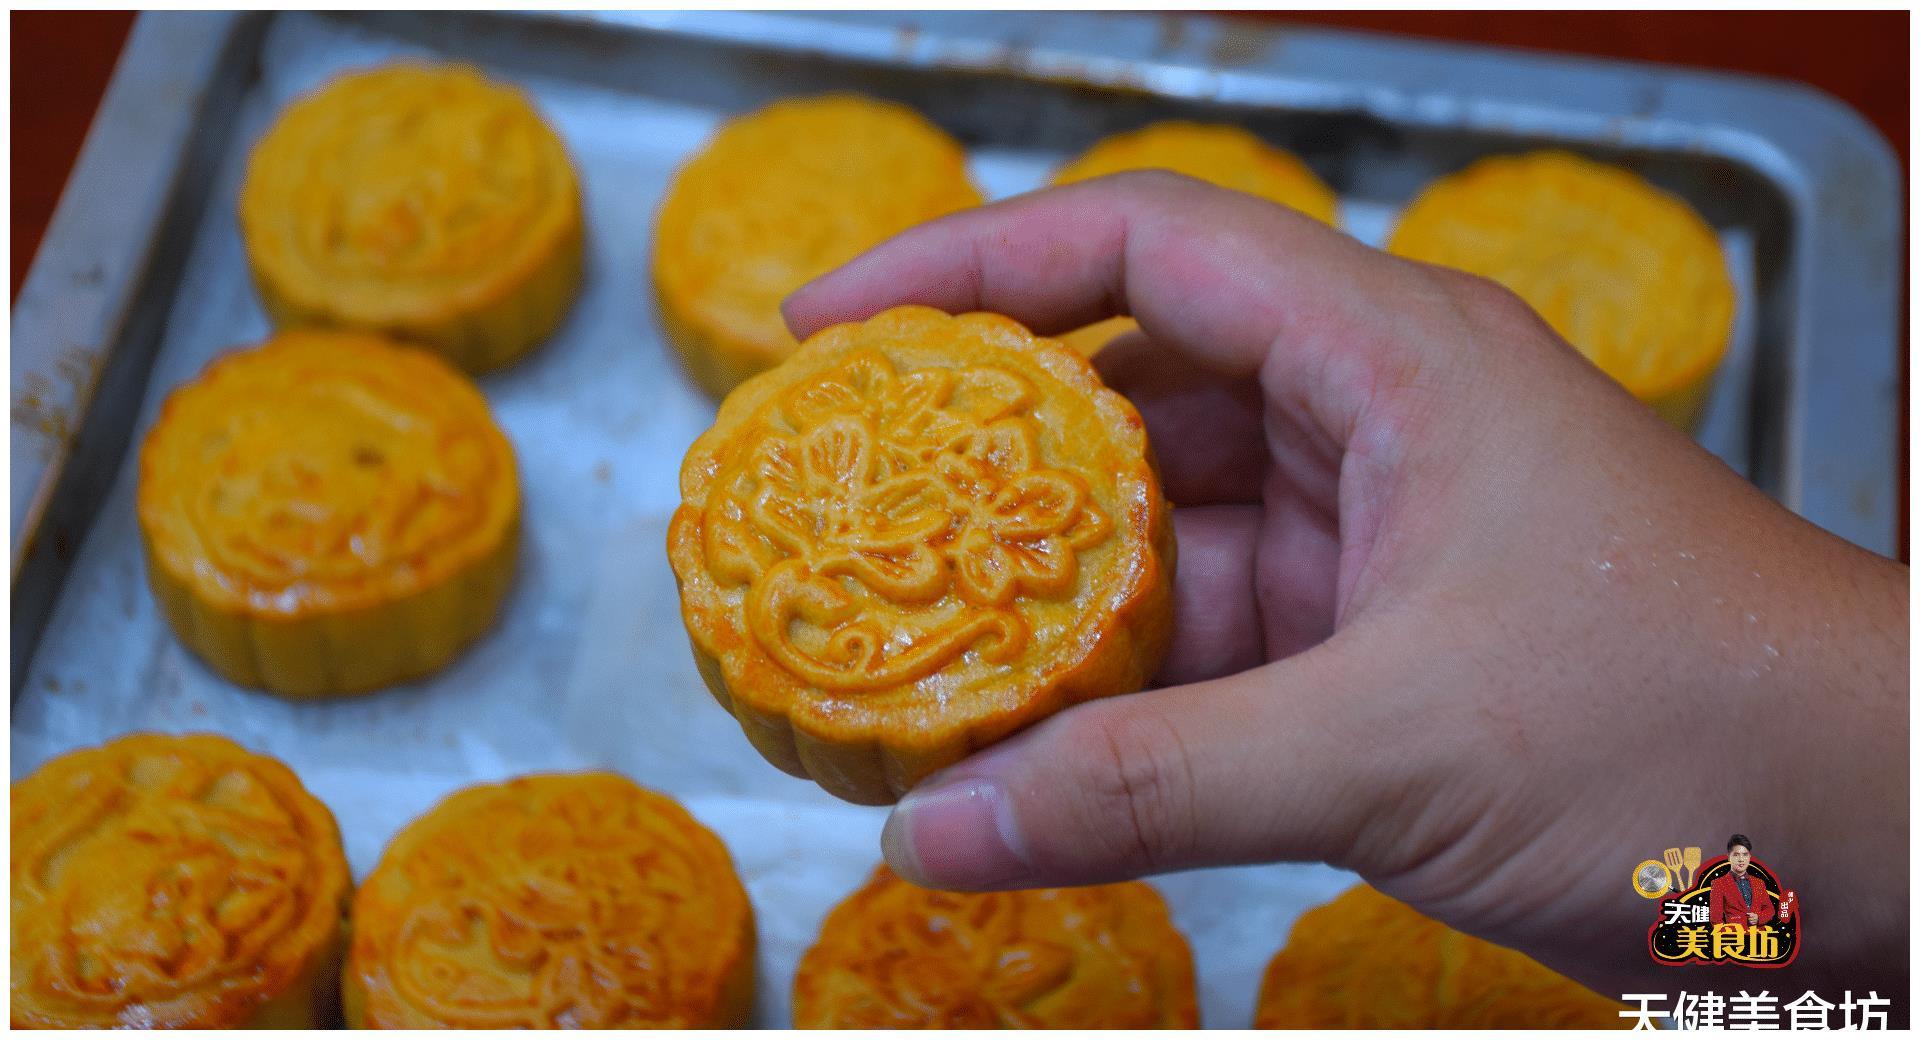 广式咸蛋黄月饼做法,配方和步骤详细分享,厨房小白也能学会!